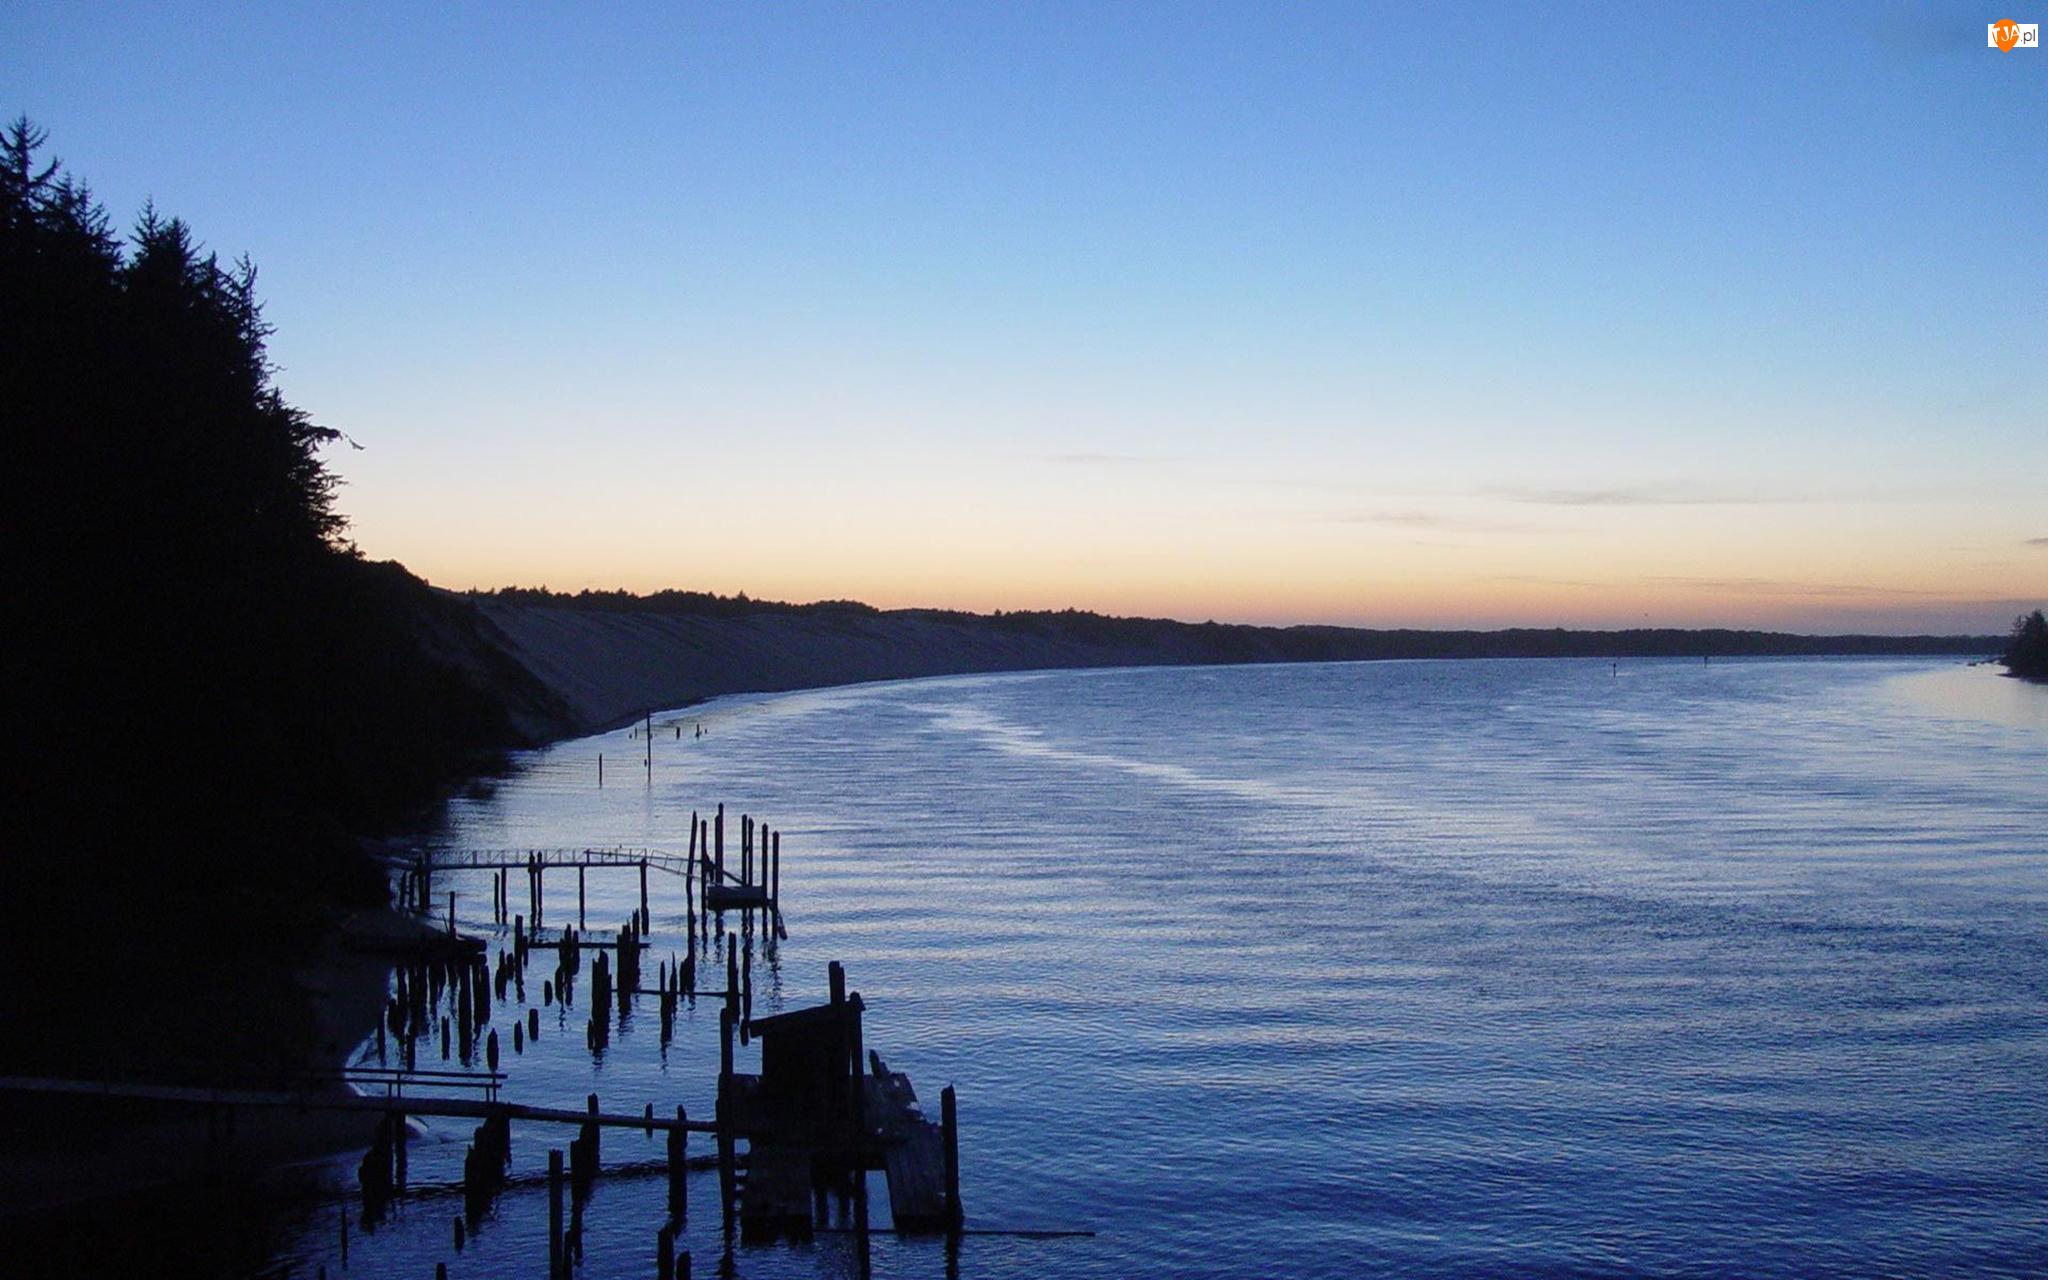 Zatoka, Zachód, Słońca